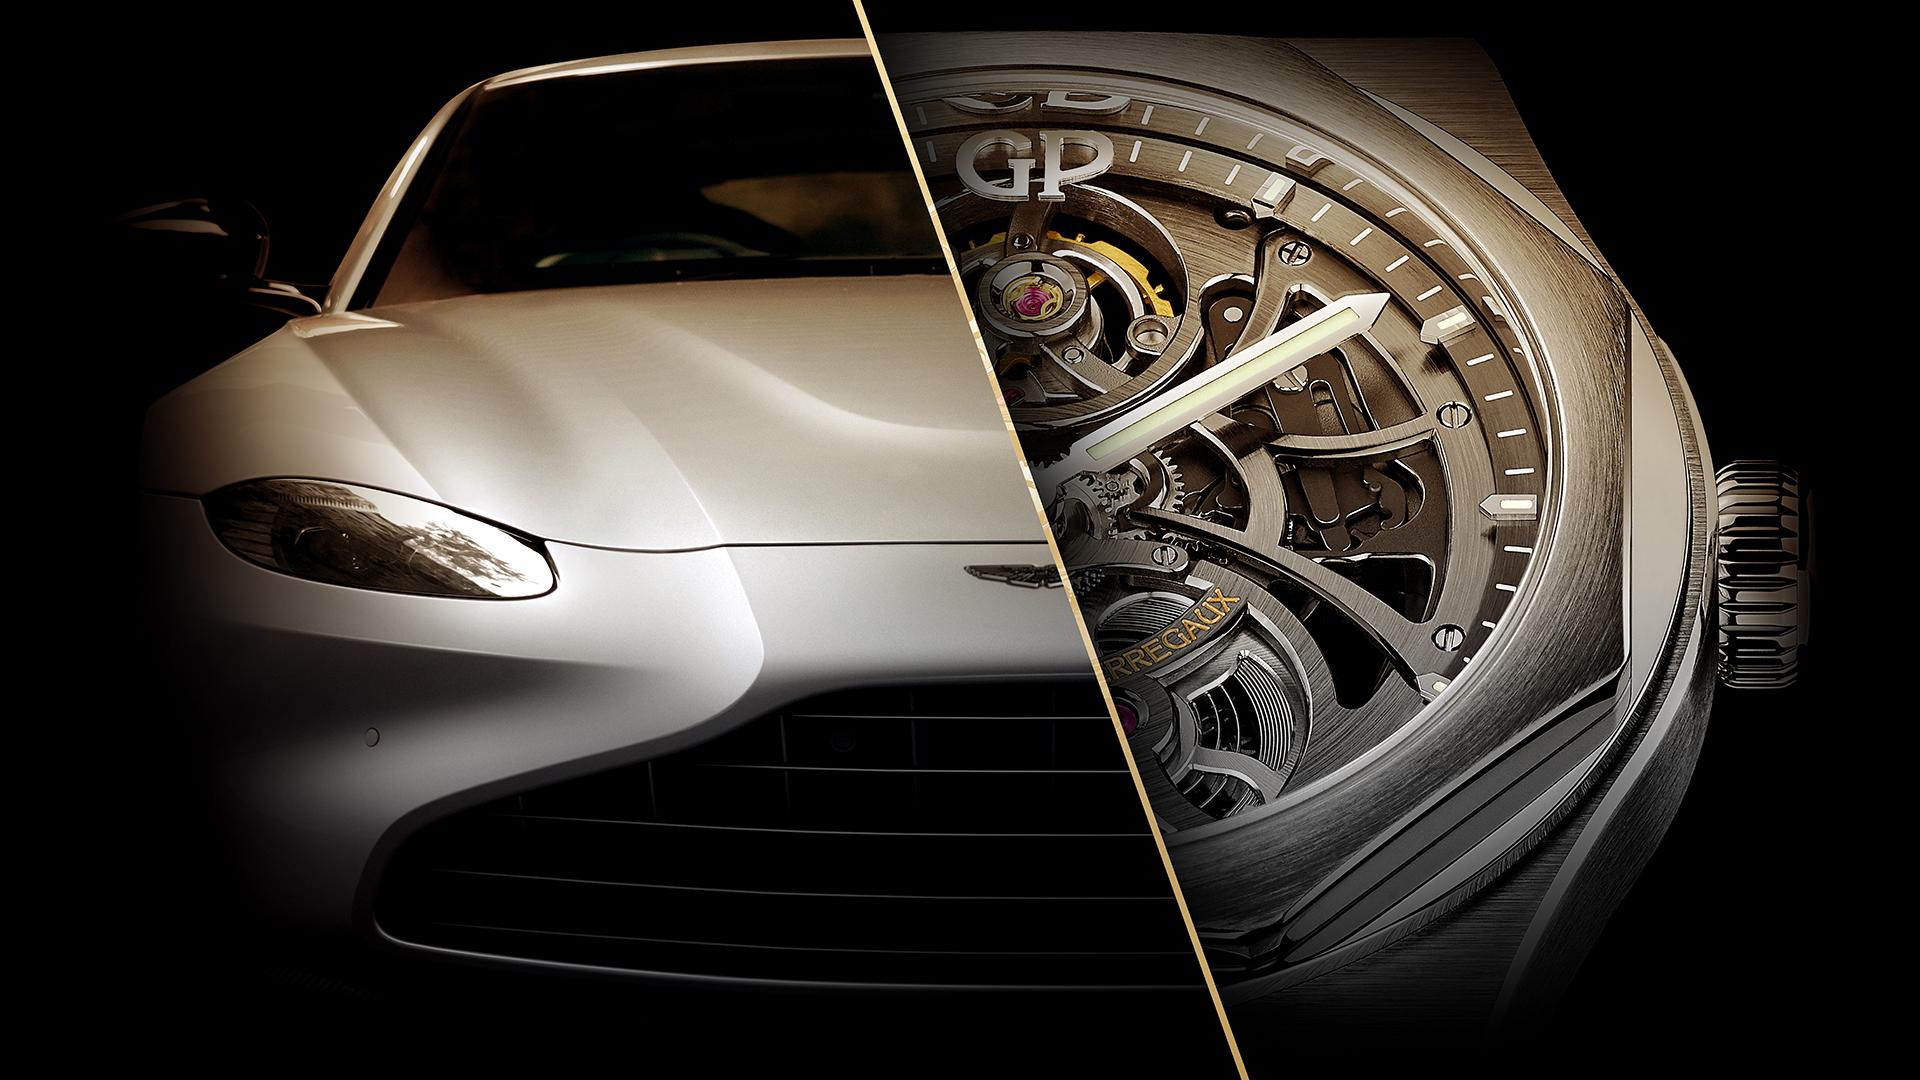 Girard Perregaux Announces Official Partnership With Aston Martin